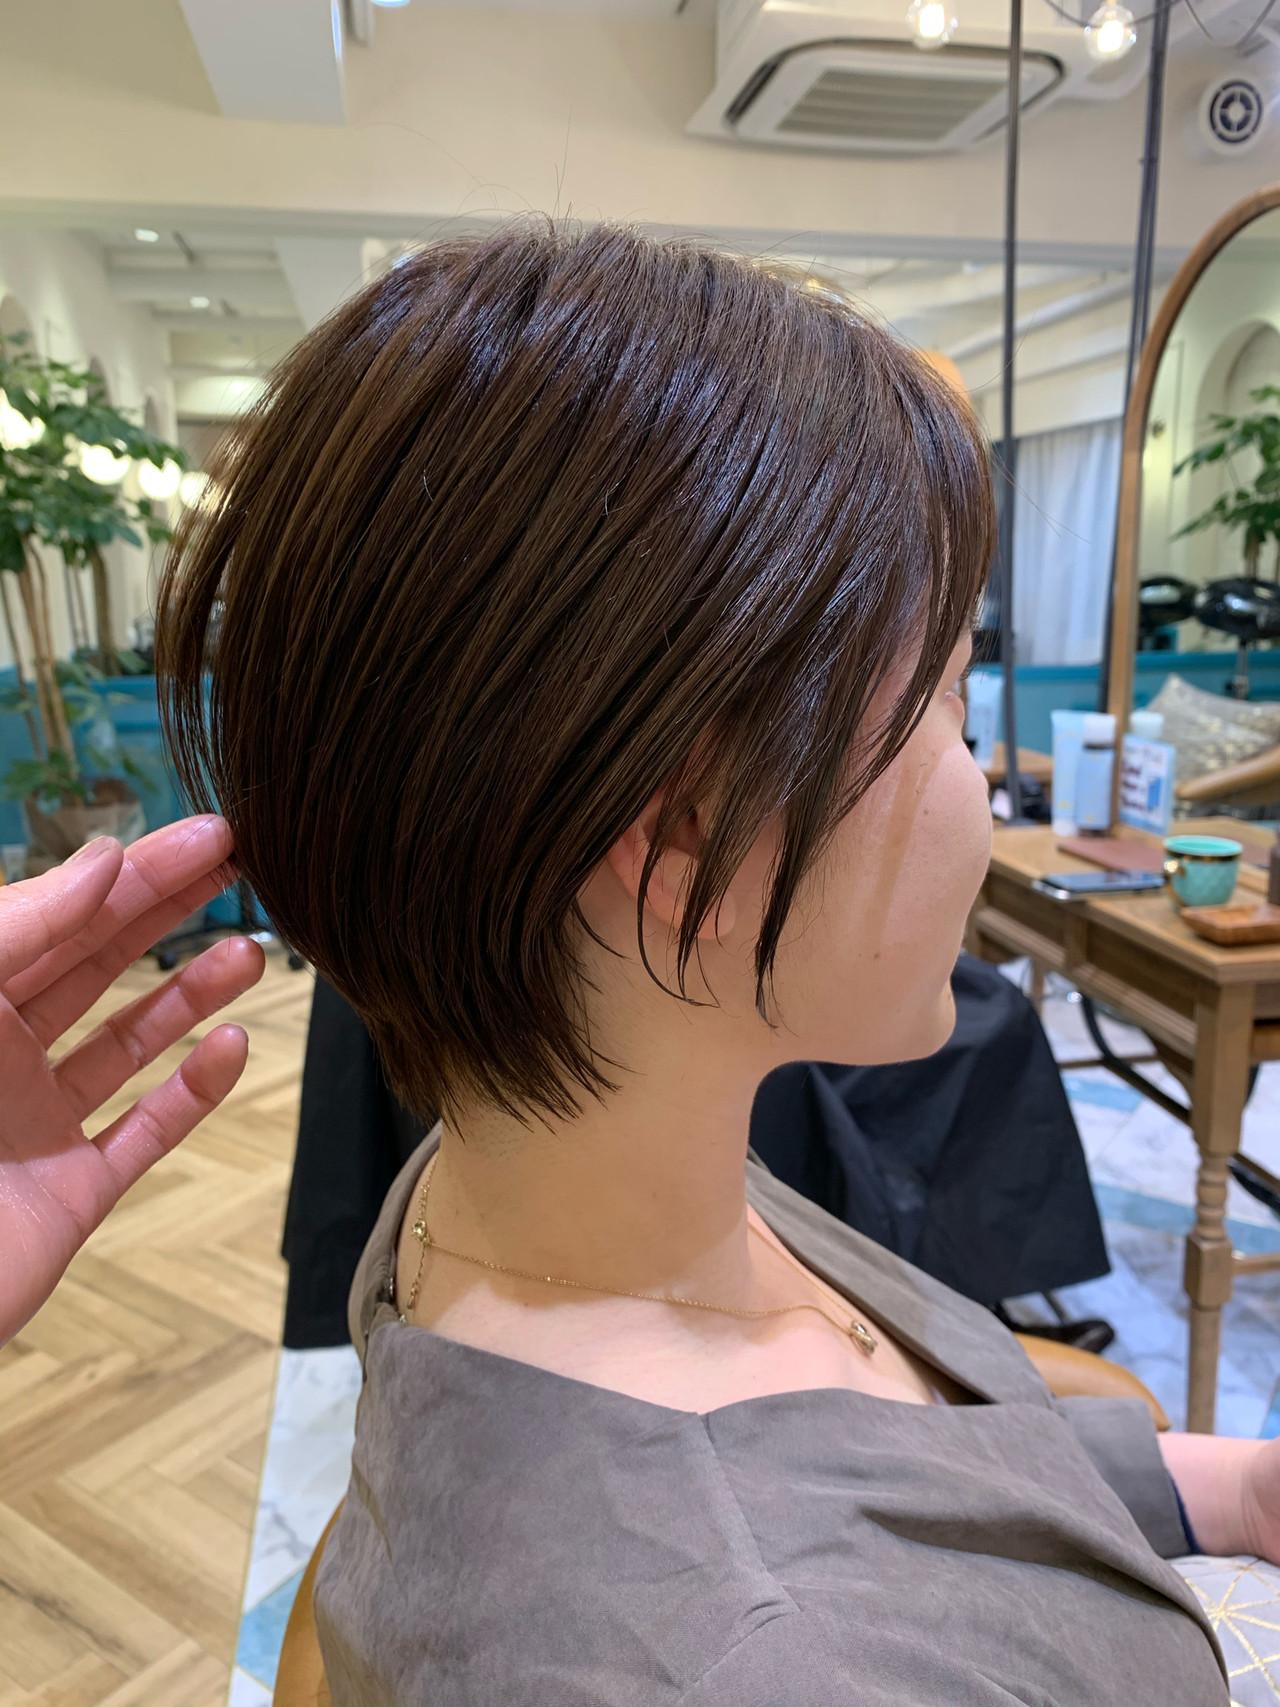 前下がりショート ショート ショートボブ ヘアスタイルや髪型の写真・画像 | 山口 健太 / Lond ange